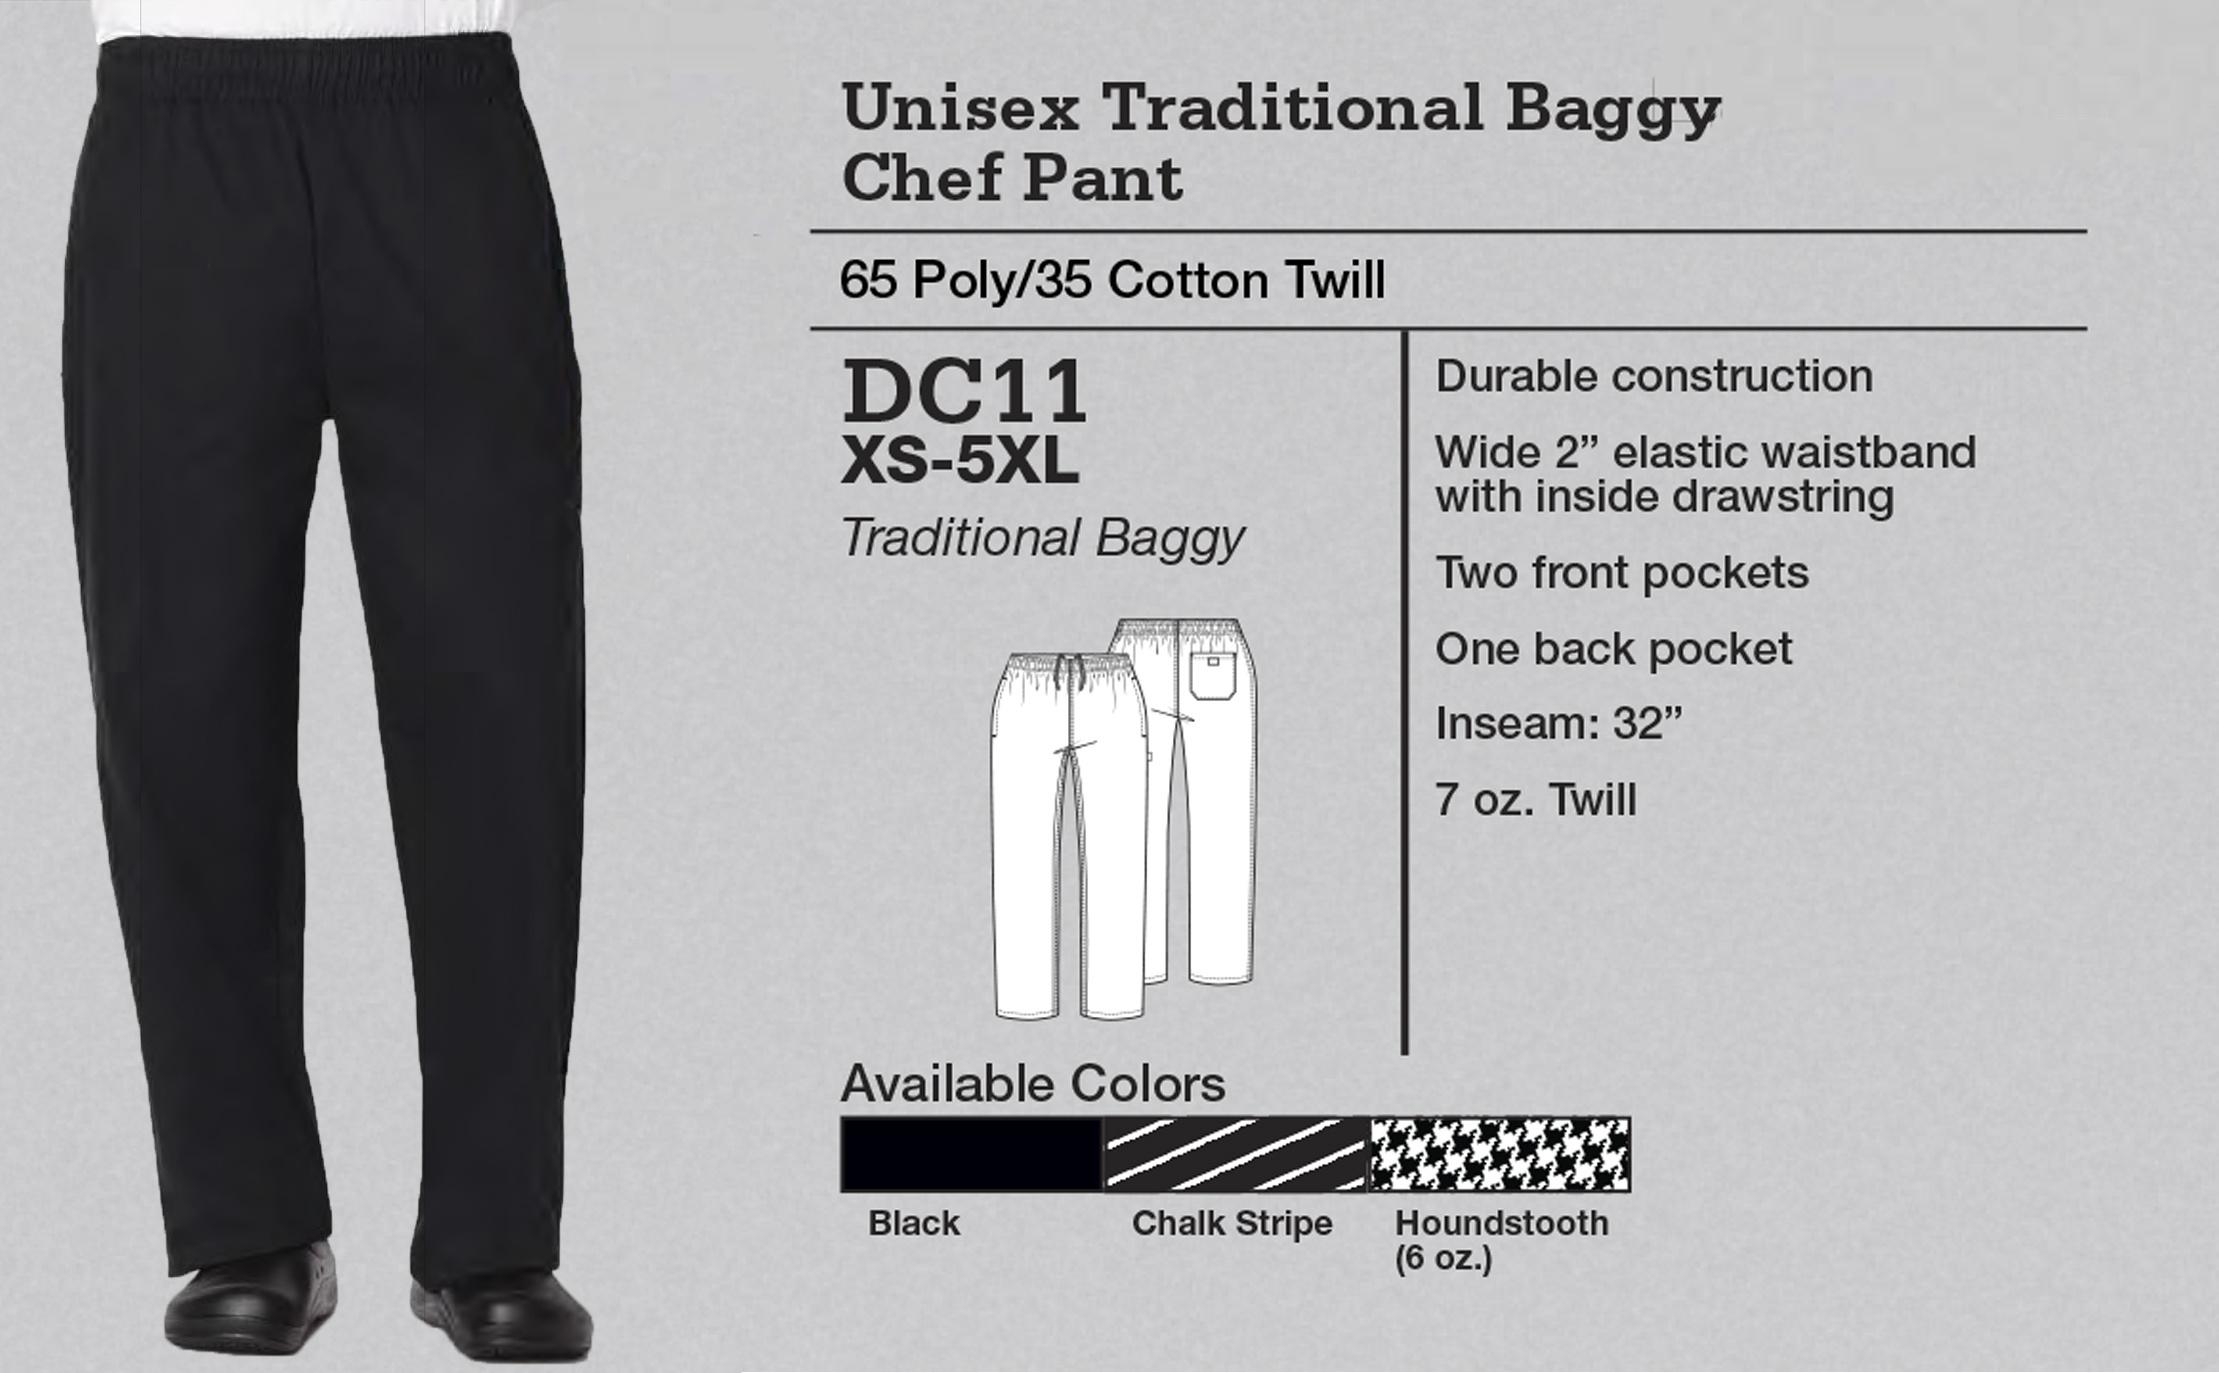 Pantalón de Chef Holgado Tradicional Unisex. DC11.